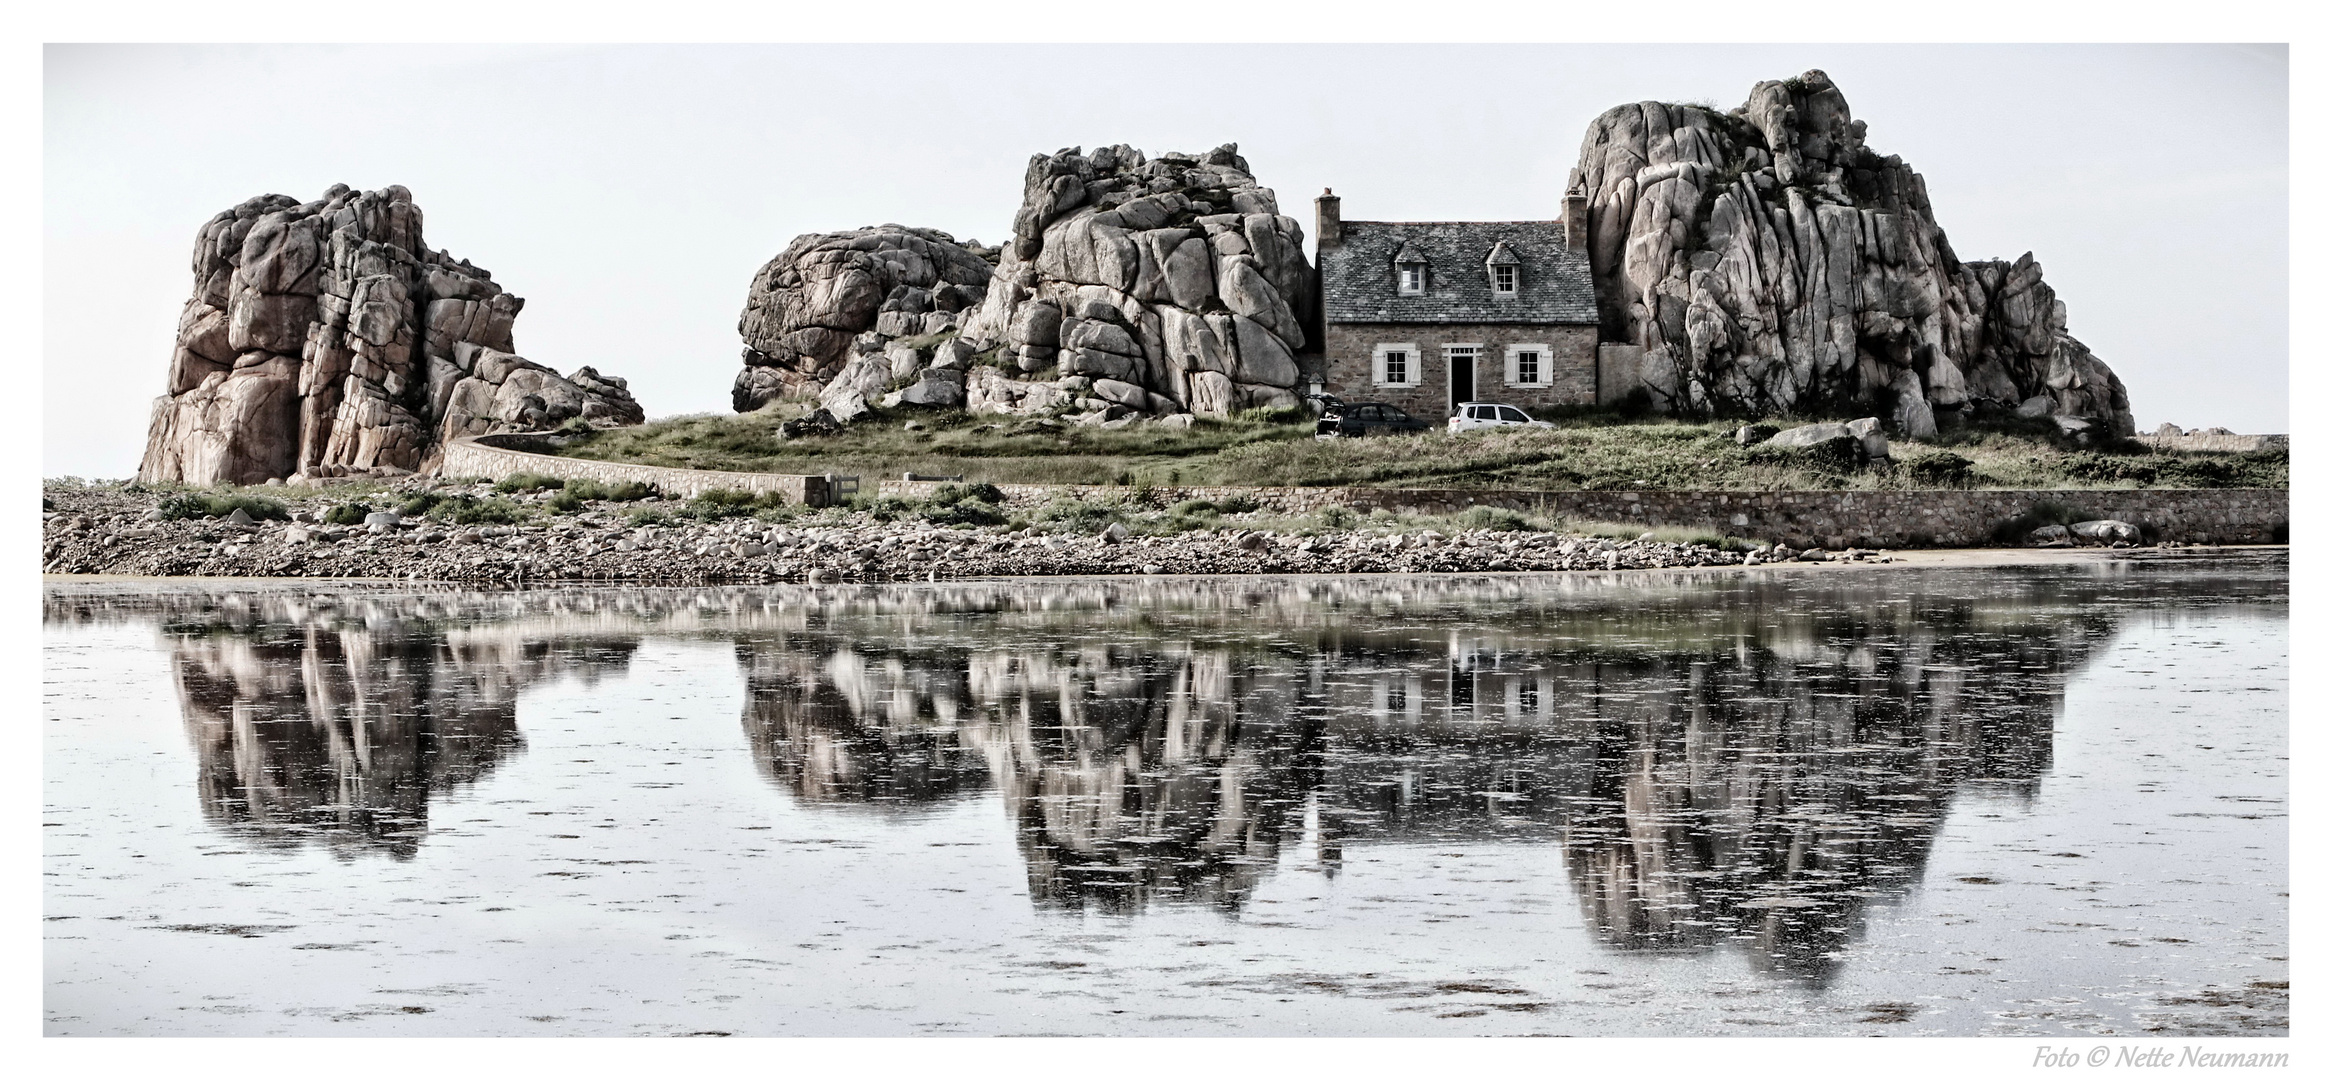 Das Haus zwischen den Felsen